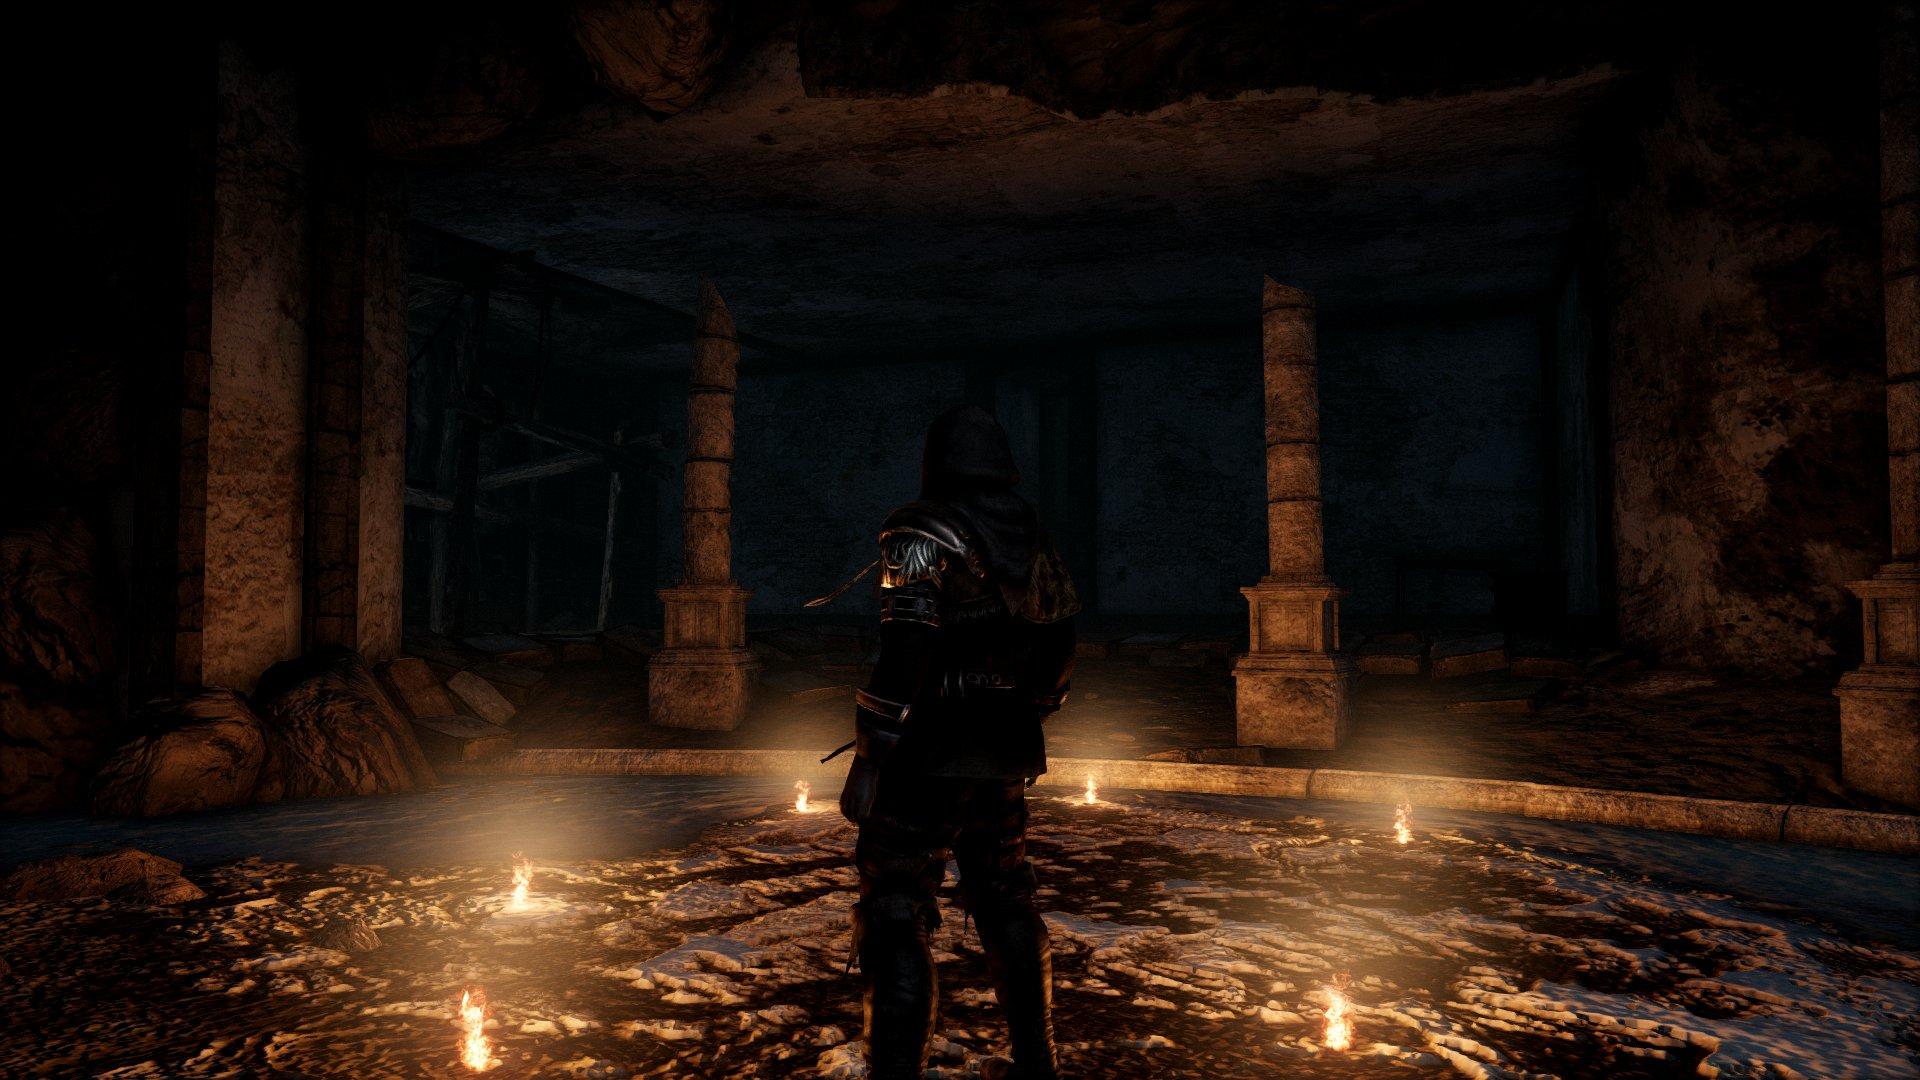 Скриншоты Dark Souls 2 с измененной системой освещения